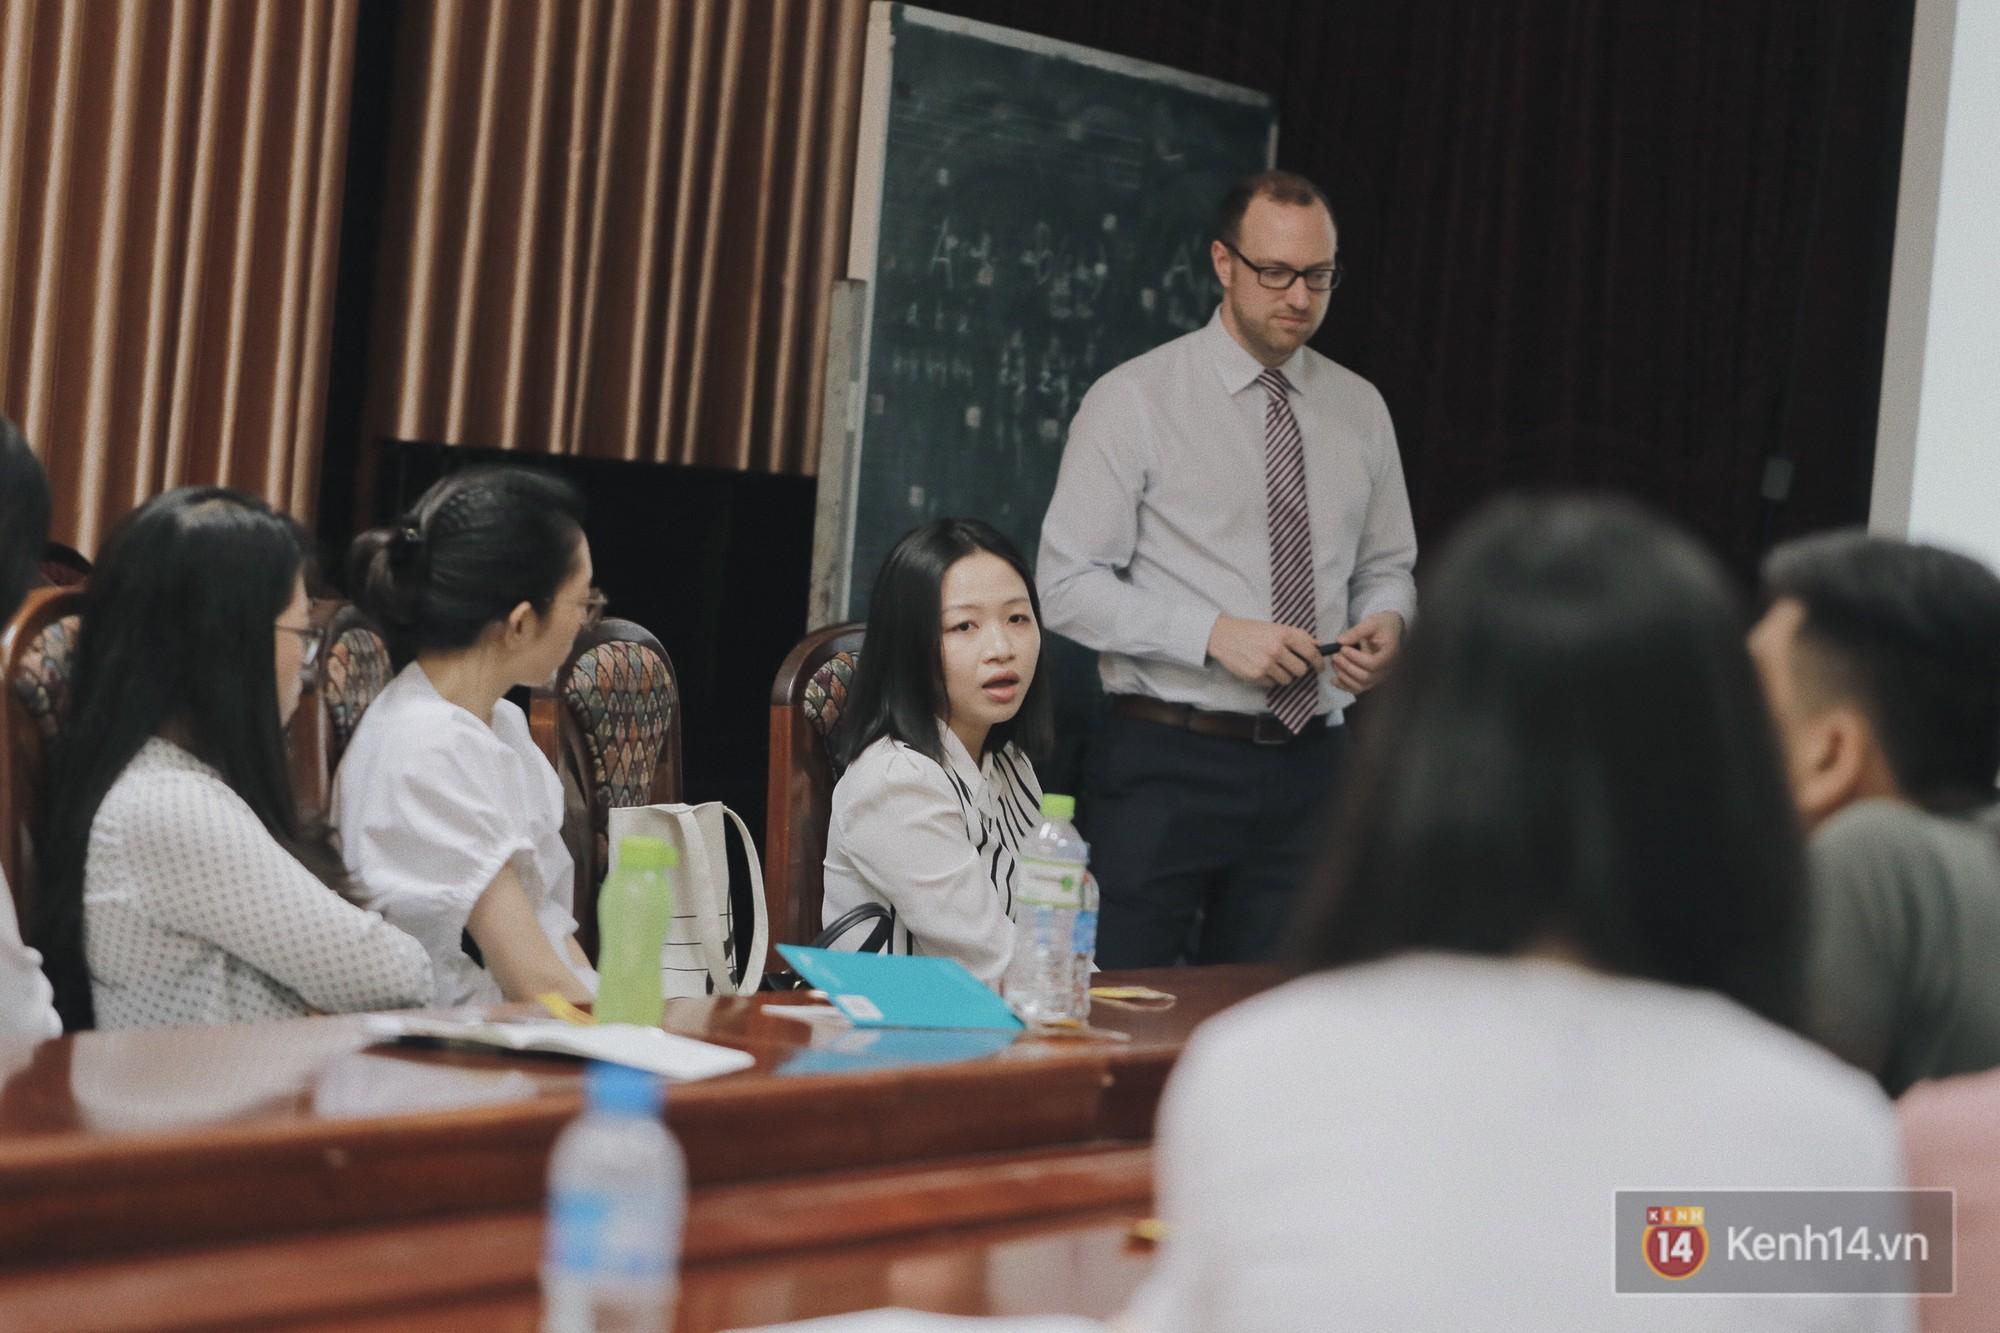 ABRSM - Chứng chỉ âm nhạc uy tín hàng đầu thế giới của Hiệp hội Âm nhạc Hoàng gia Anh đang được đông đảo trẻ em Việt lựa chọn - Ảnh 11.